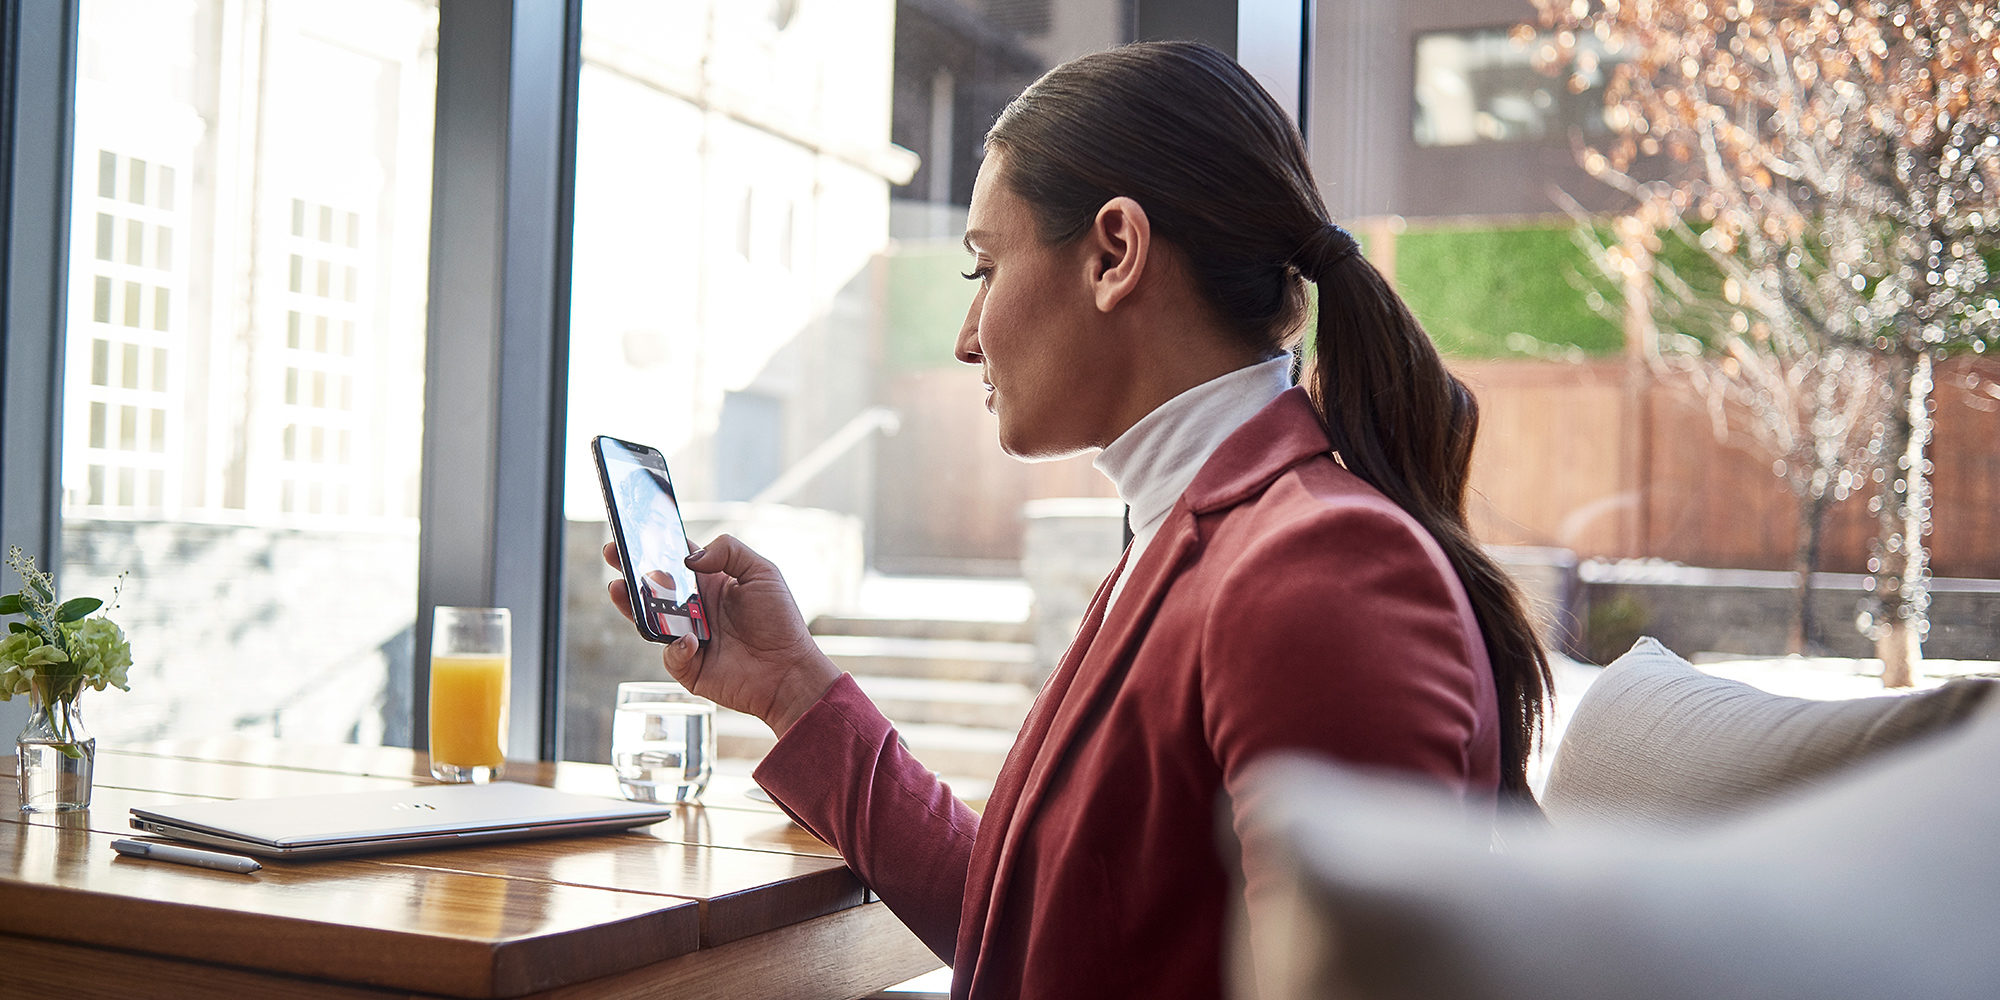 iemand die een telefoon vasthoudt voor een raam